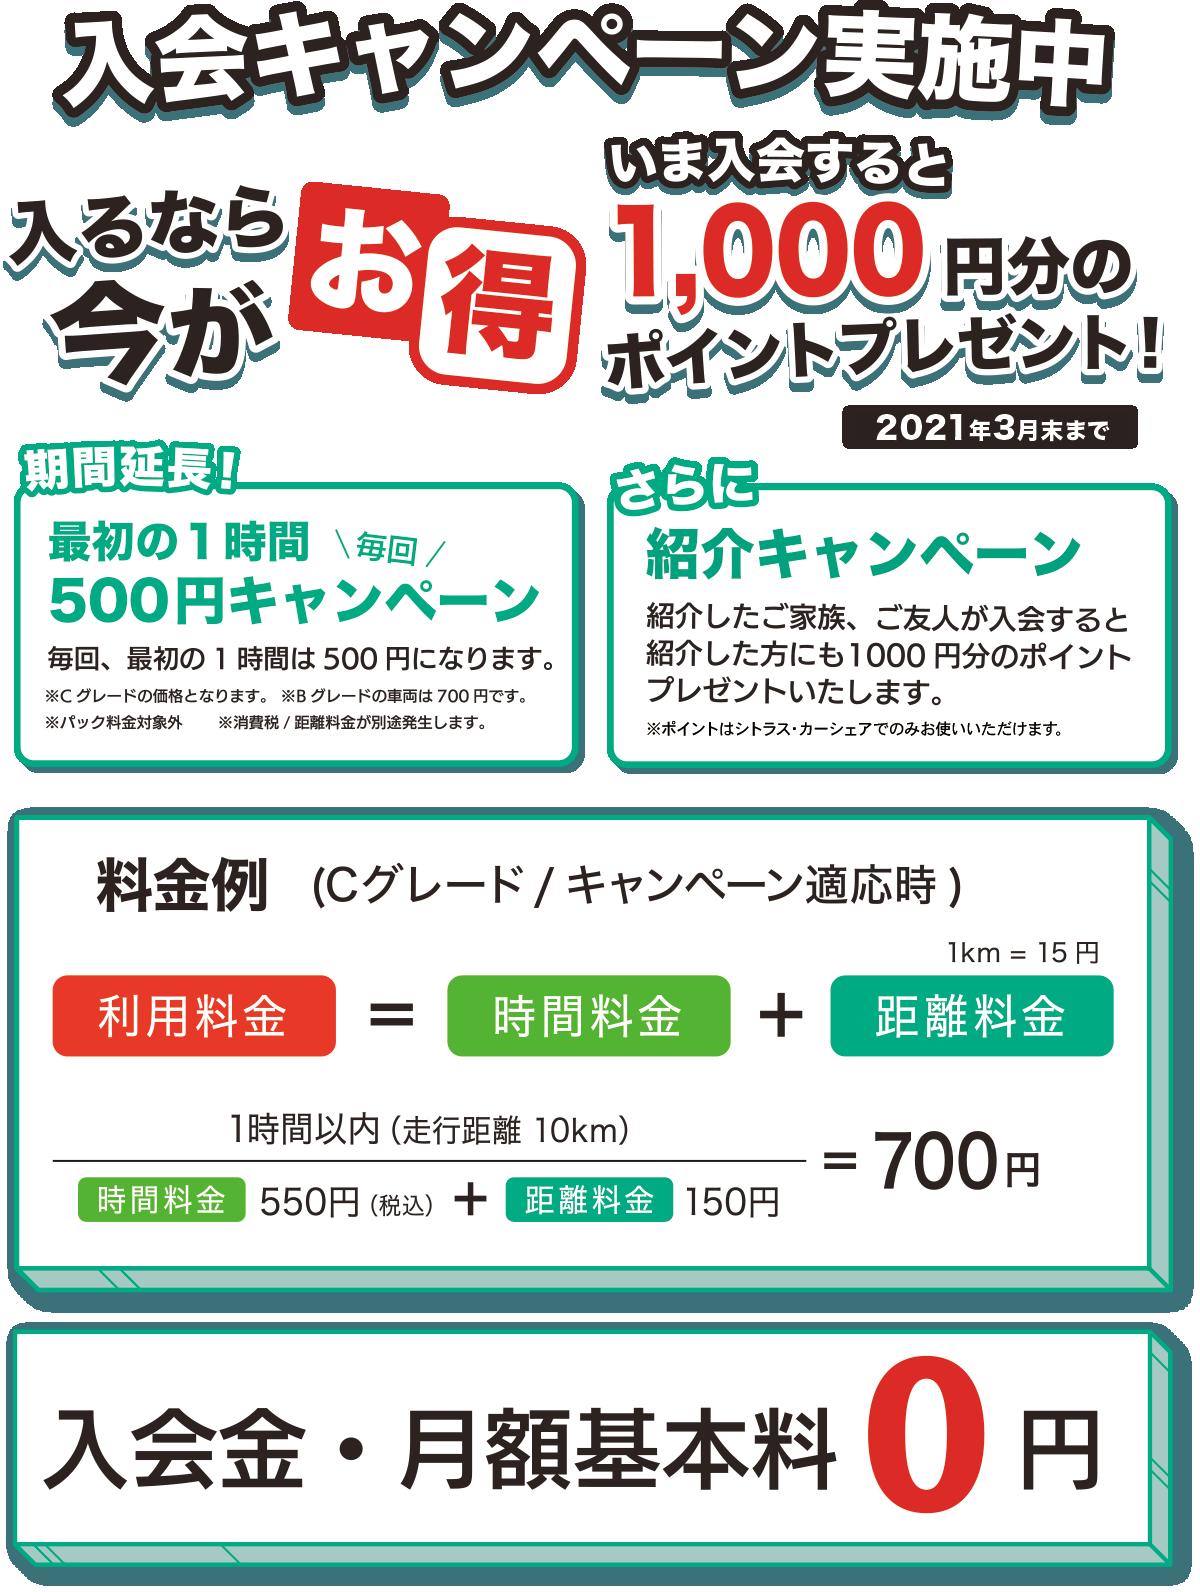 今がお得!ポイントプレゼントや紹介キャンペーン実施中!